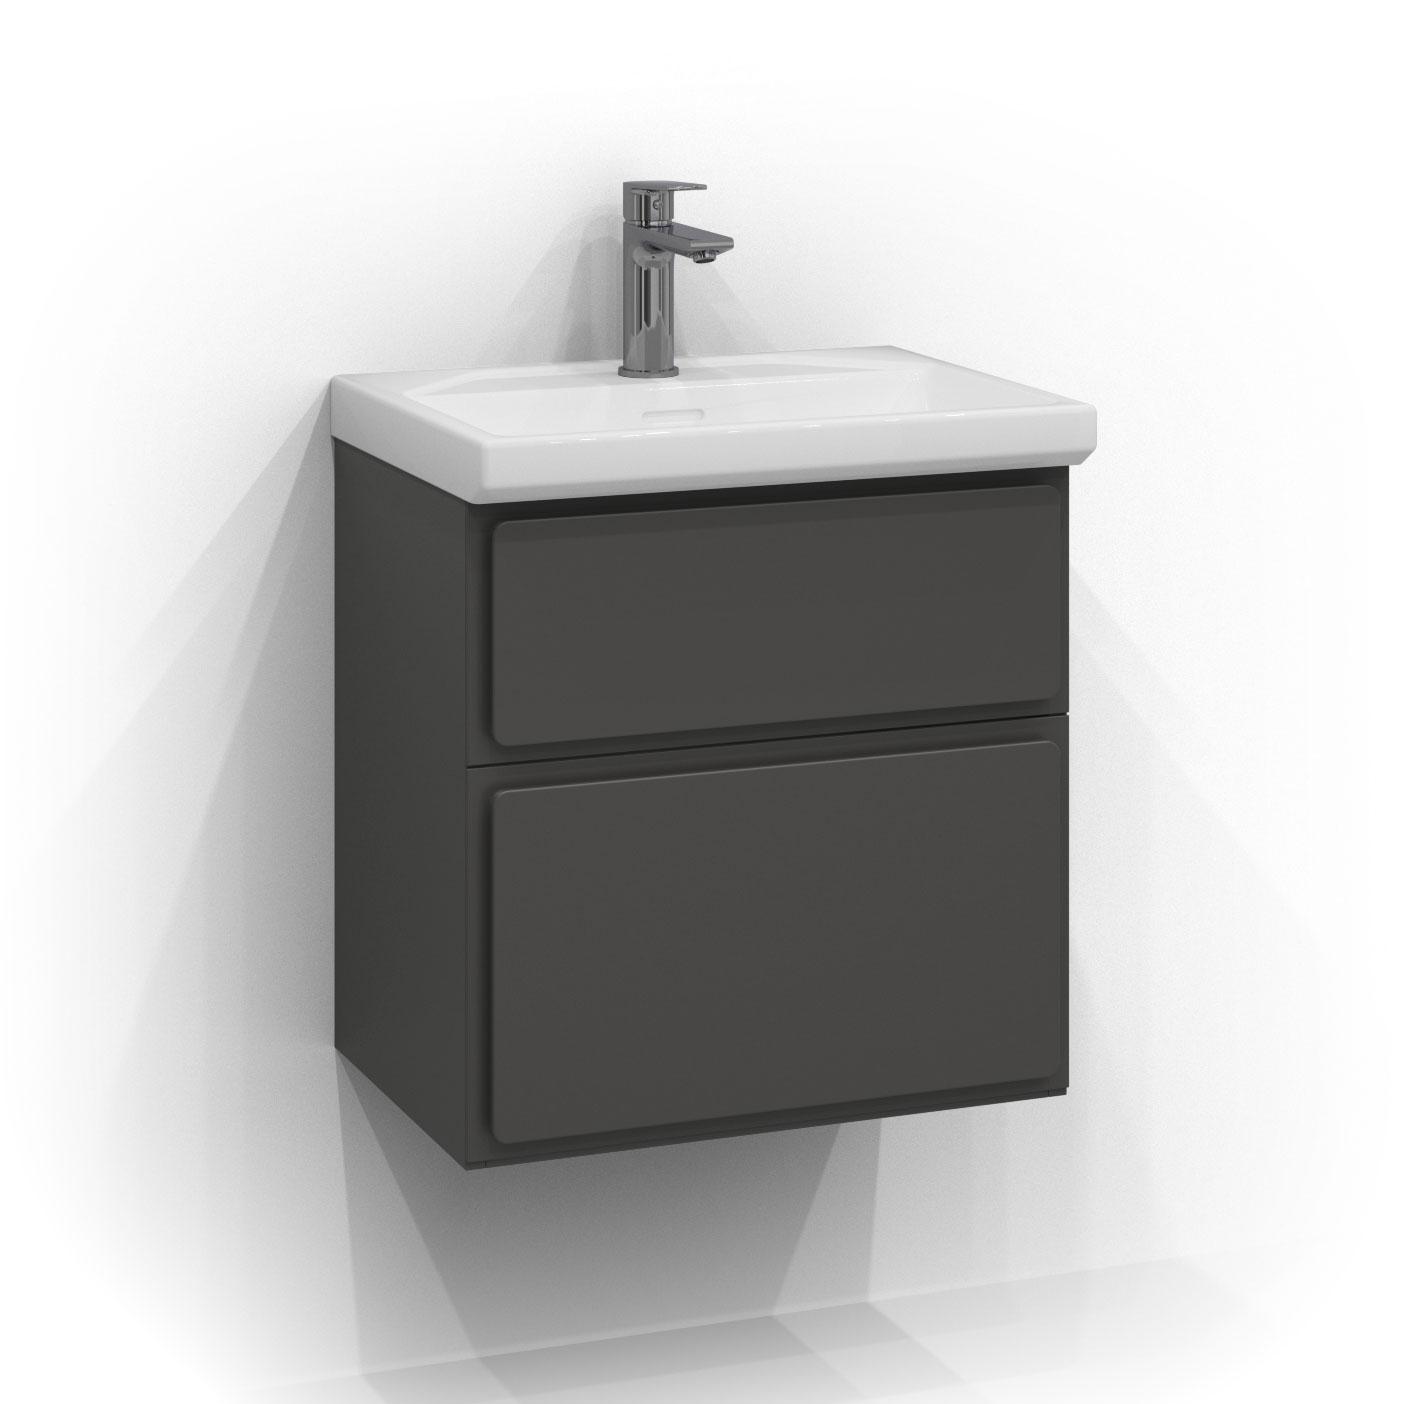 Tvättställsskåp Svedbergs Forma 50